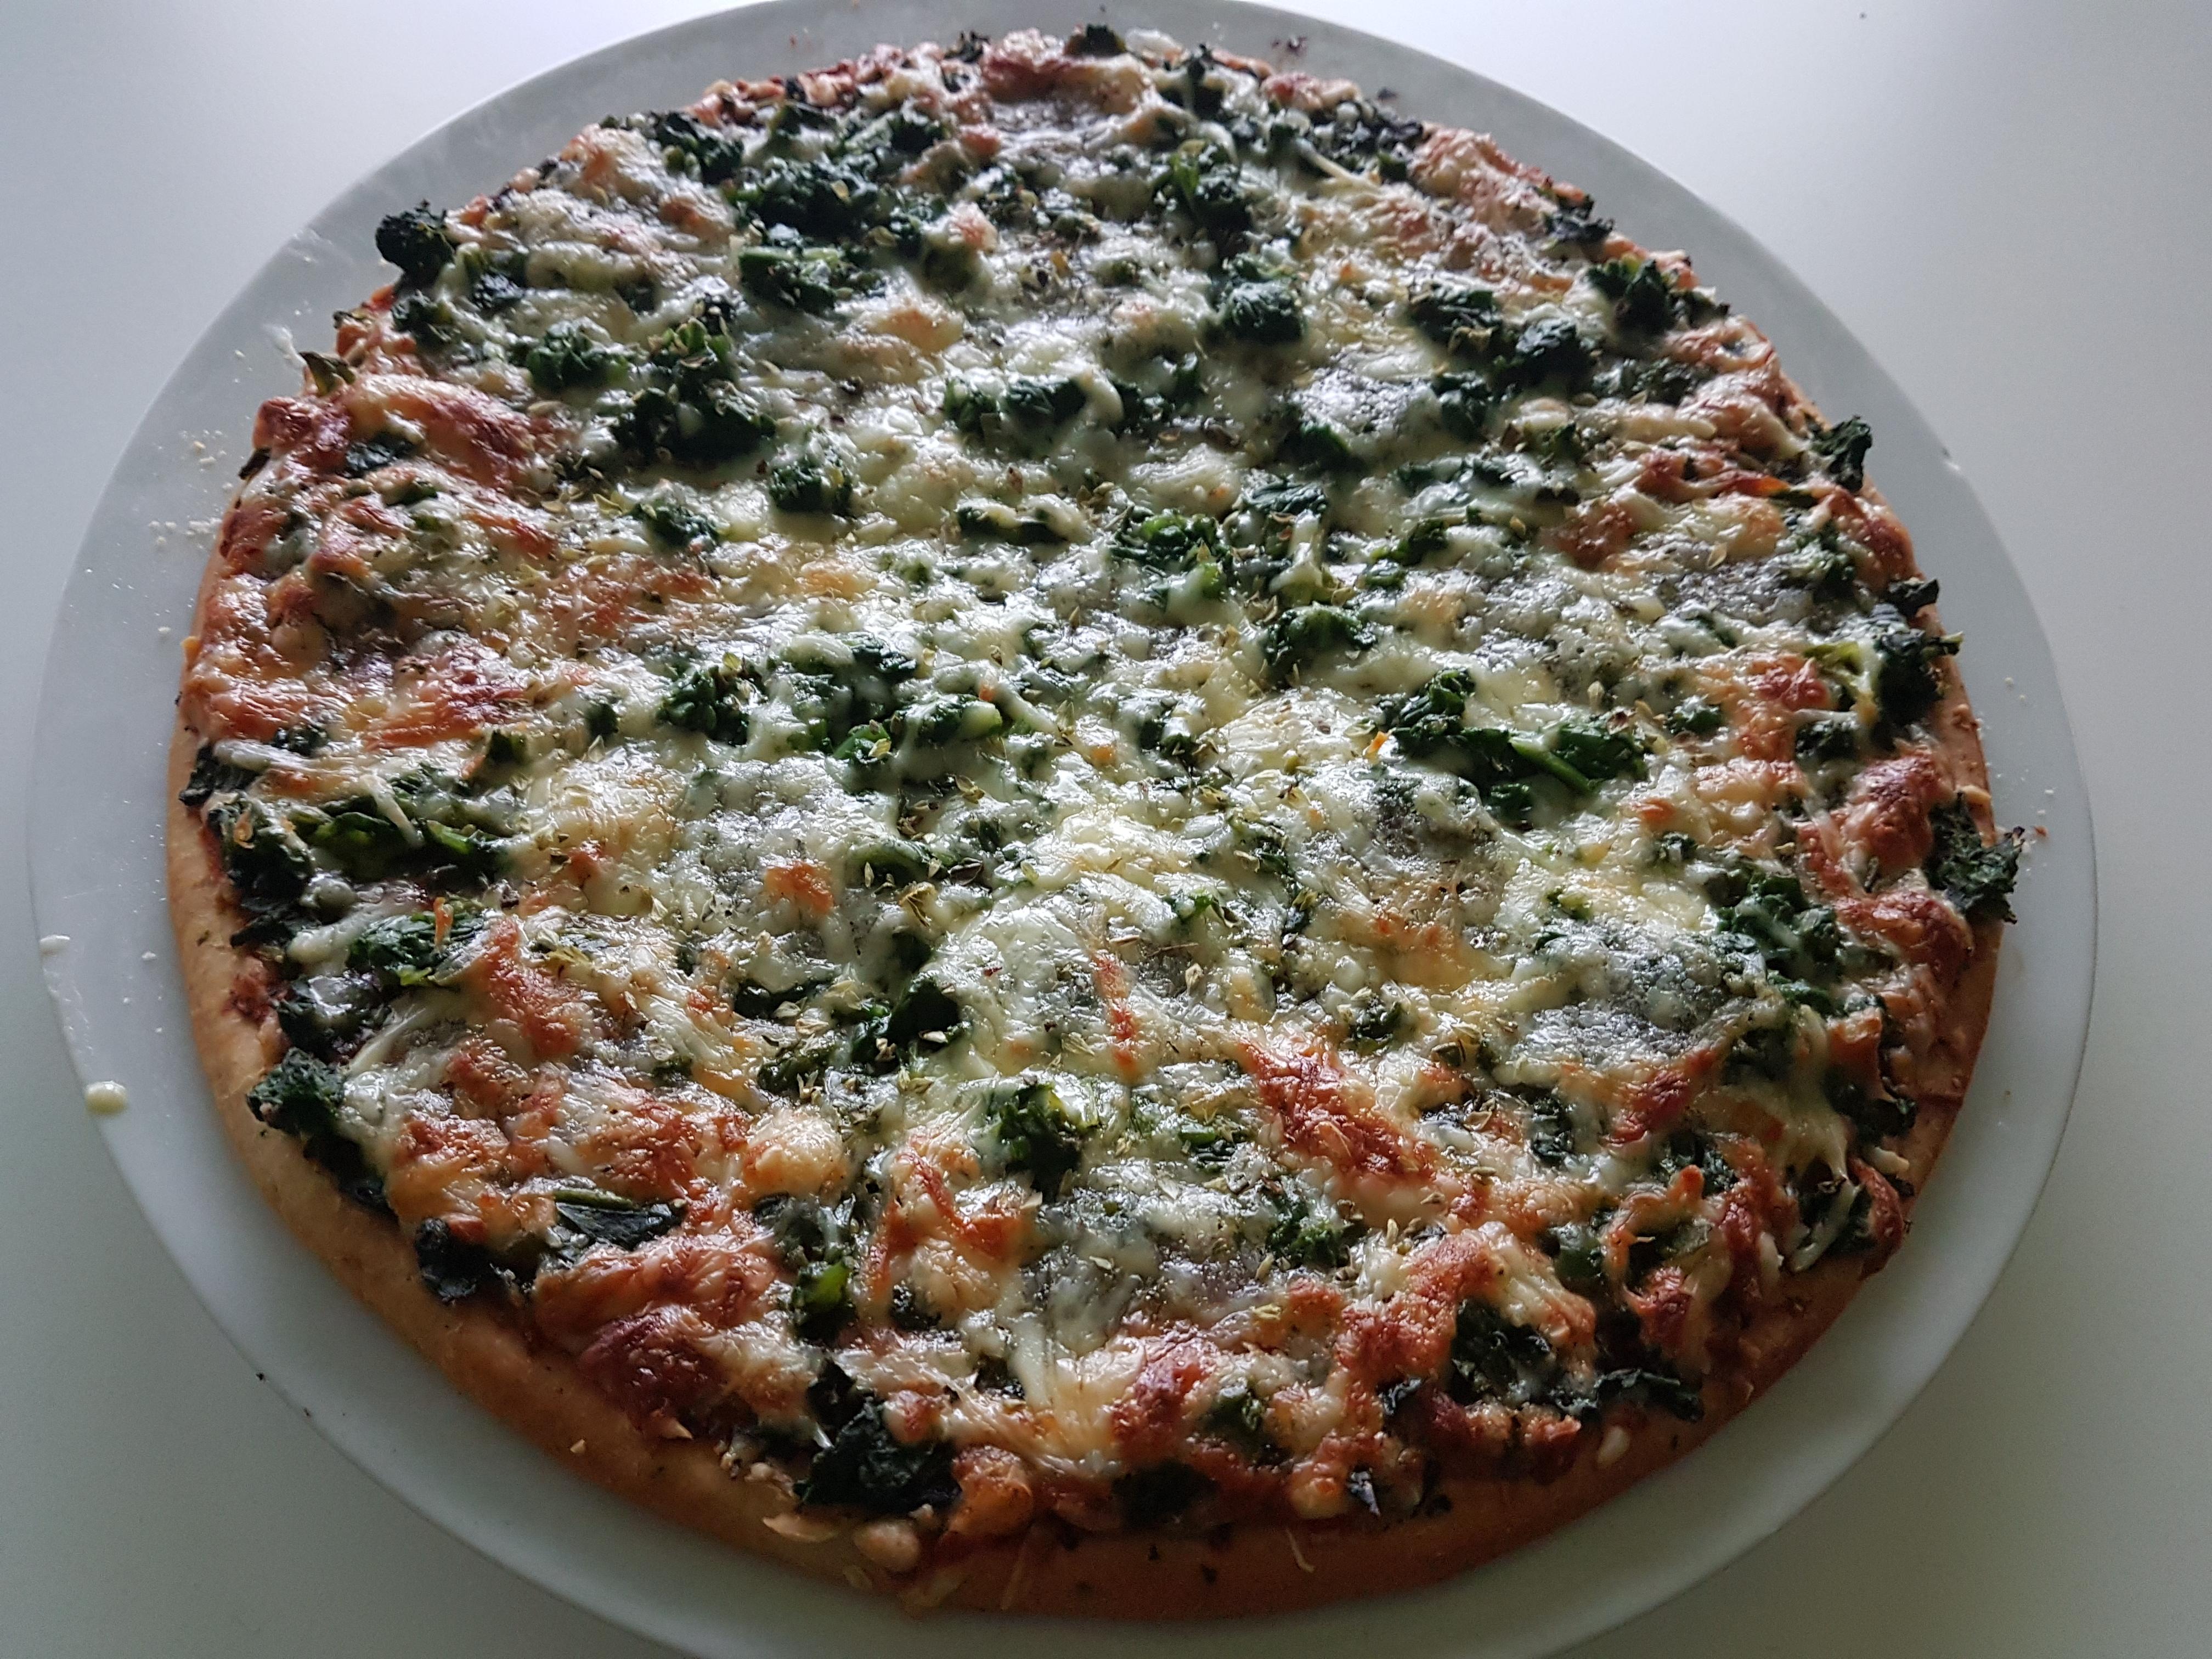 https://foodloader.net/Holz_2017-10-15_Pizza_2.jpg